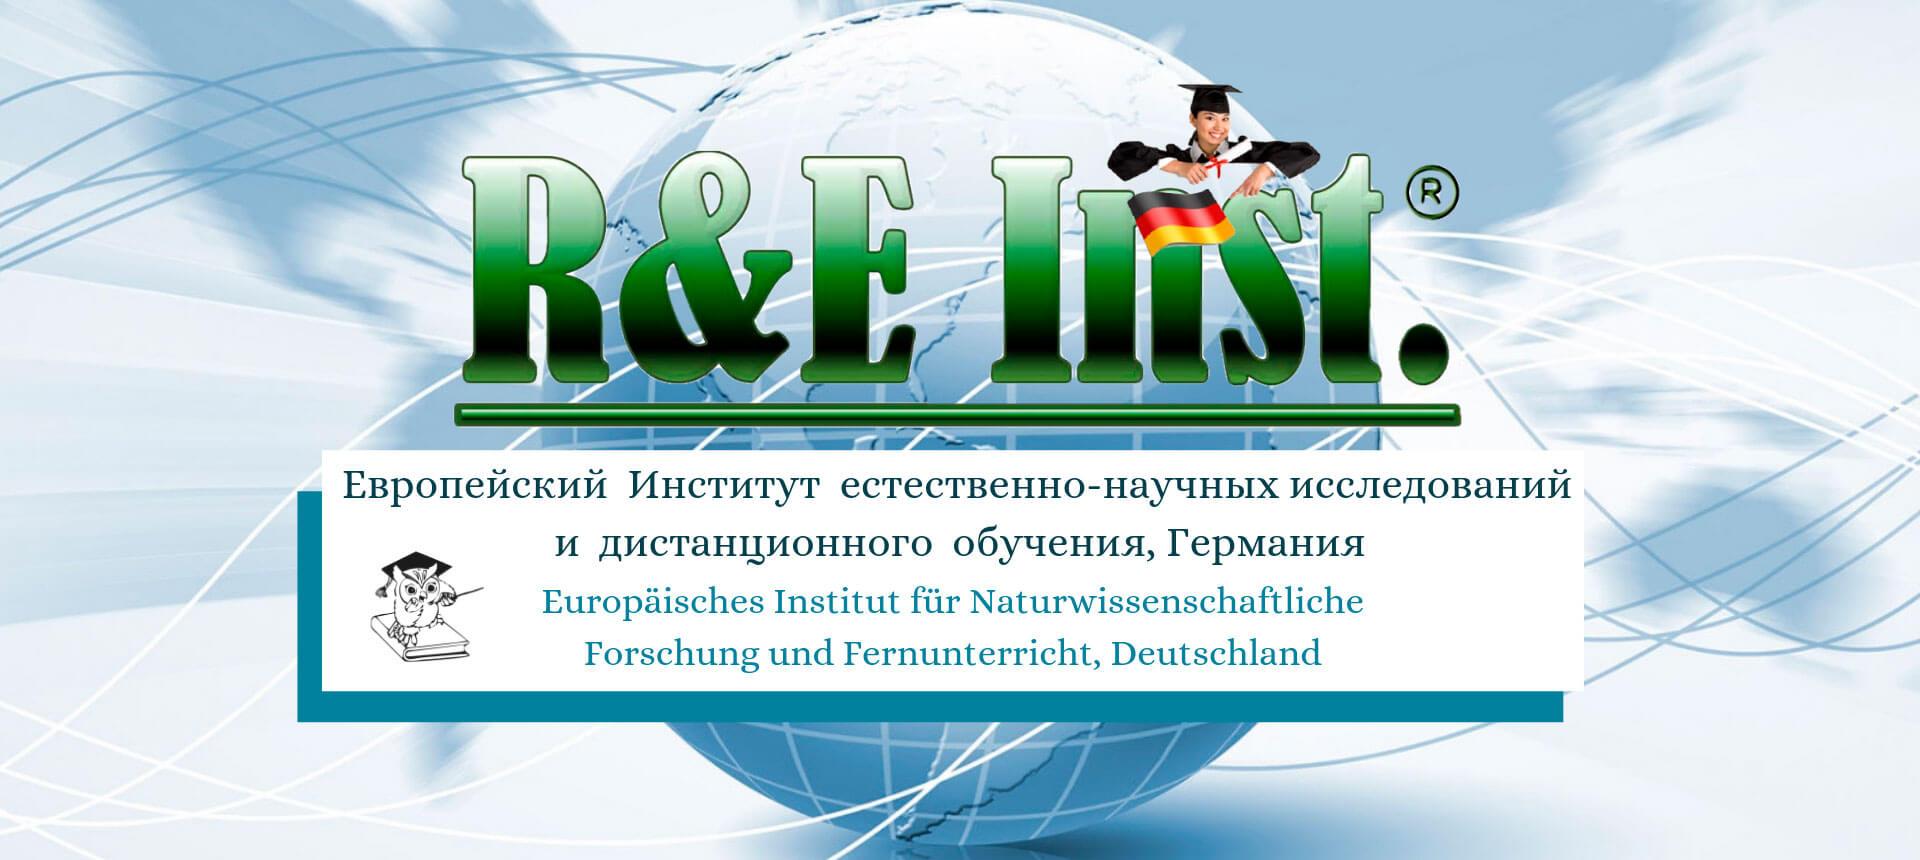 Дистанционное обучение Европейского Института естественно-научных исследований и дистанционного обучения